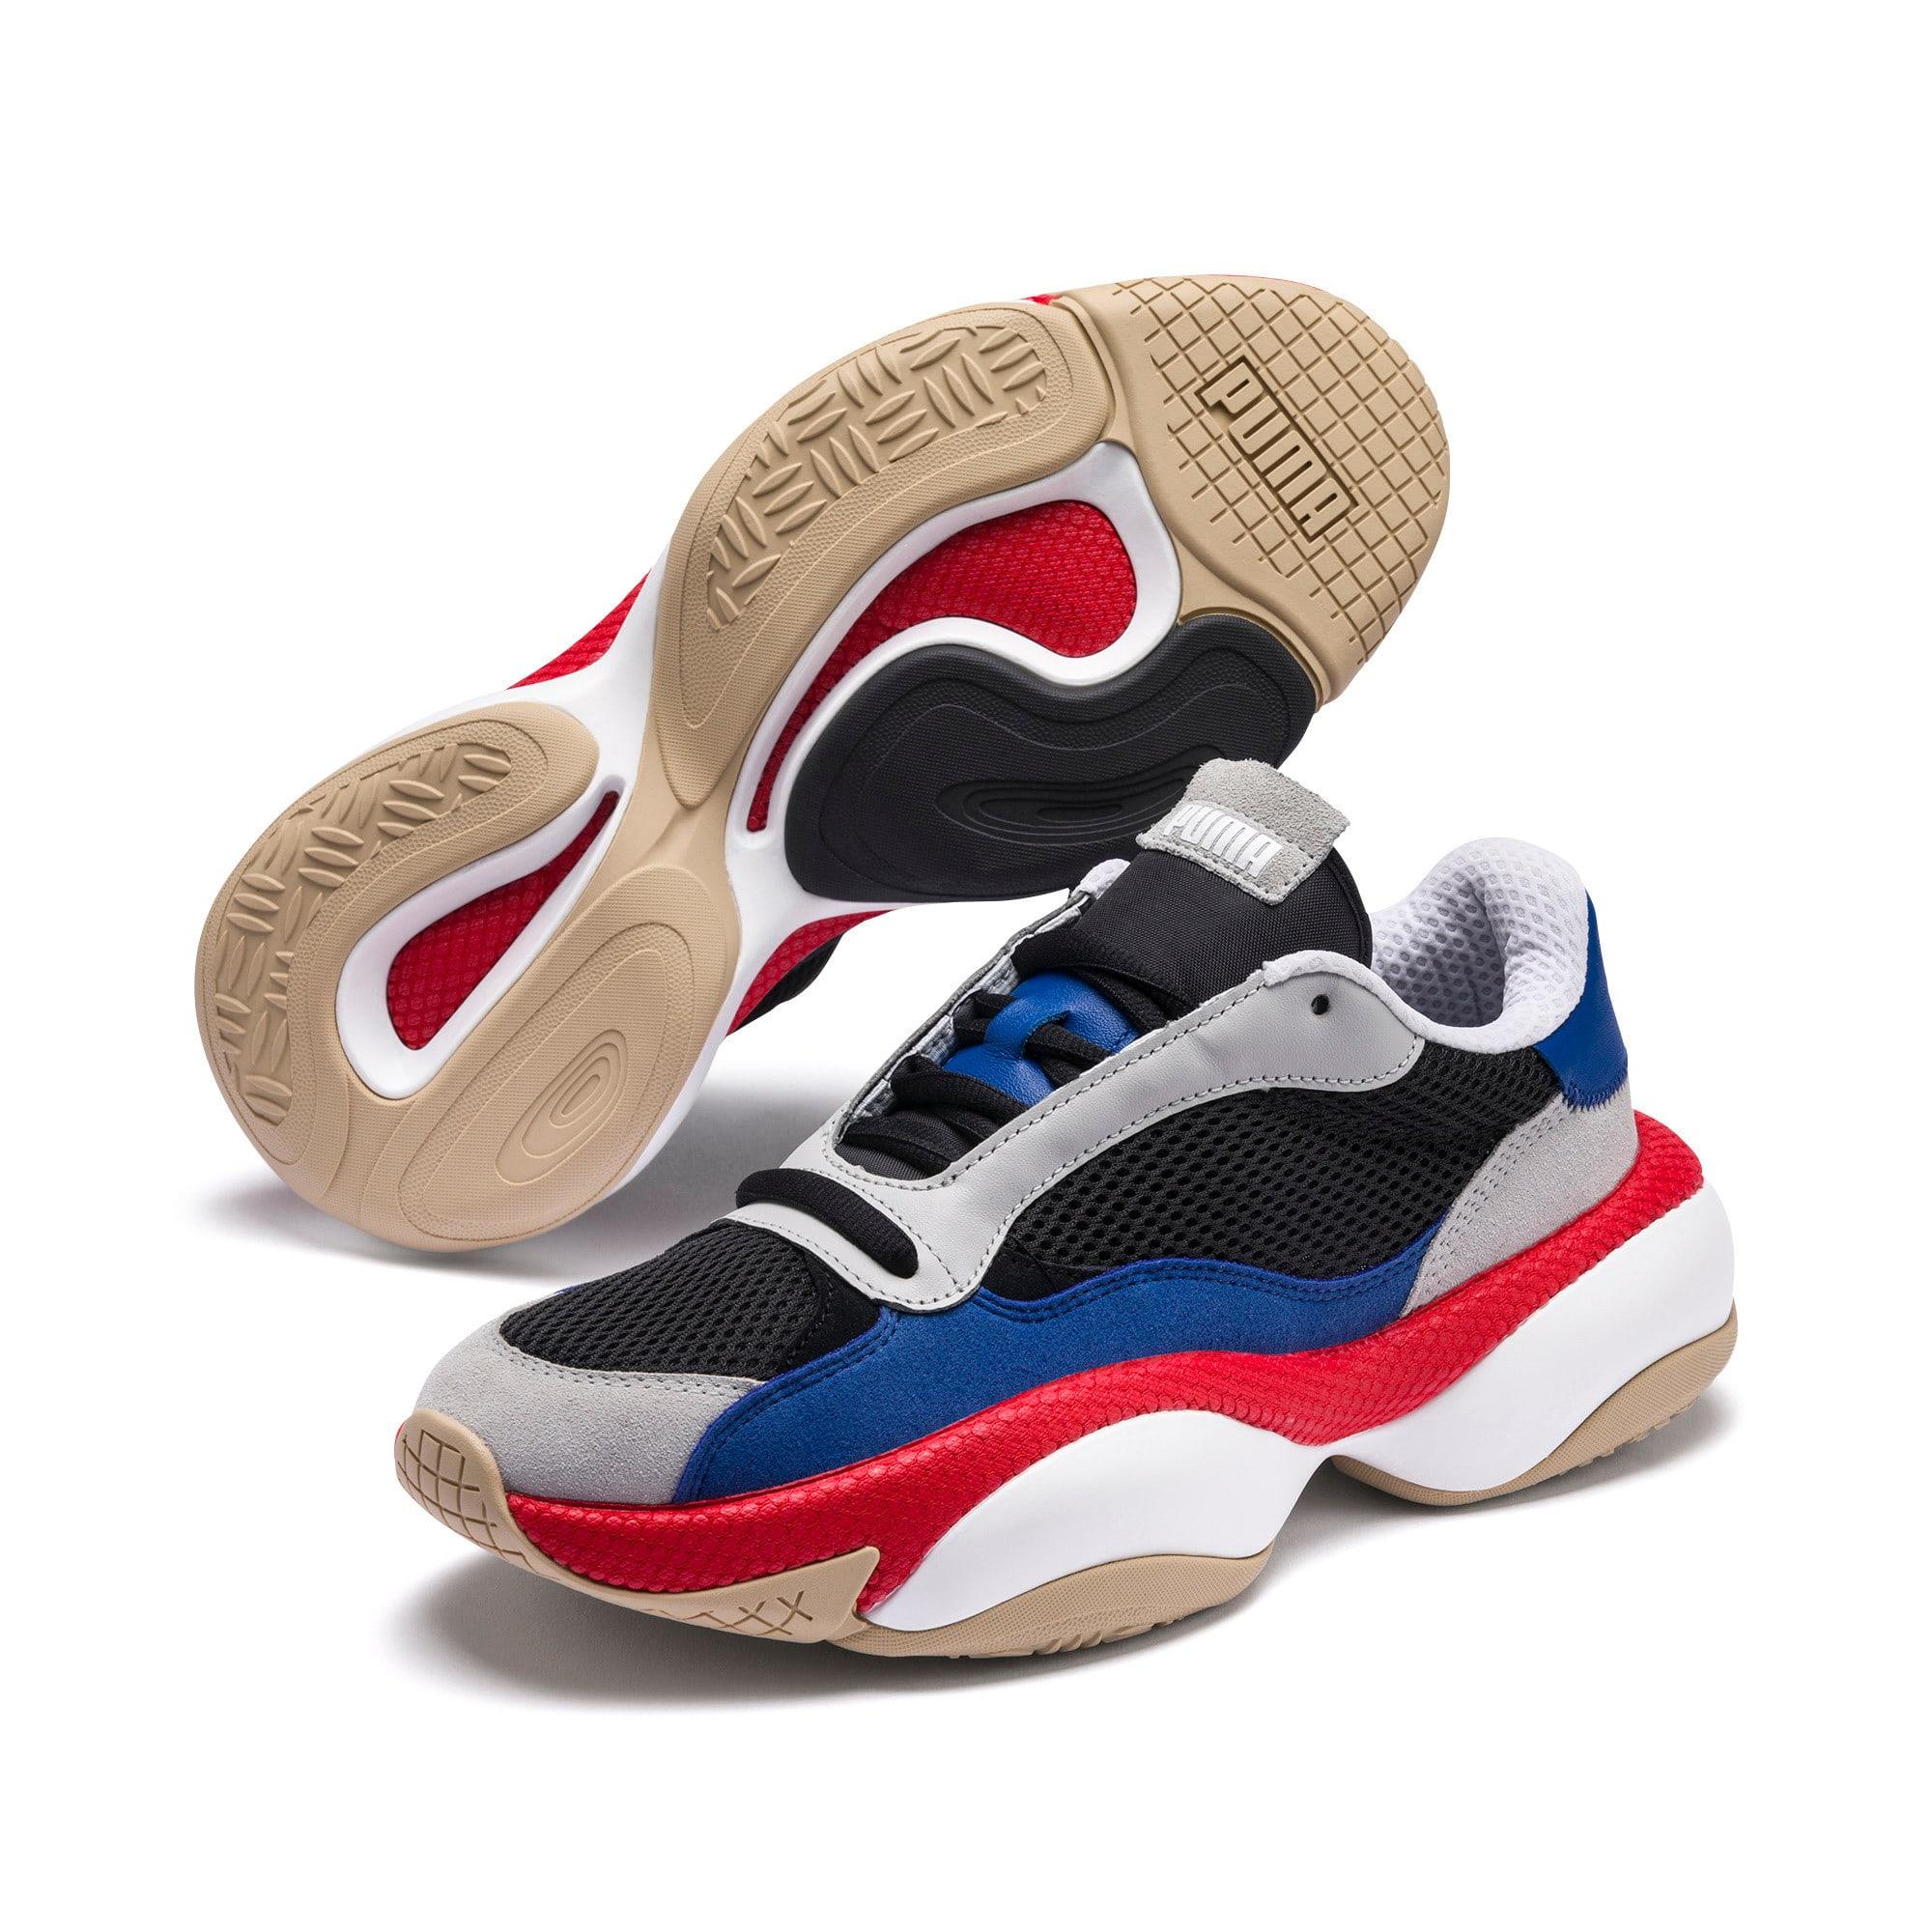 Miniatura 7 de Zapatos deportivos Alteration Kurve, High Rise-Puma Black, mediano